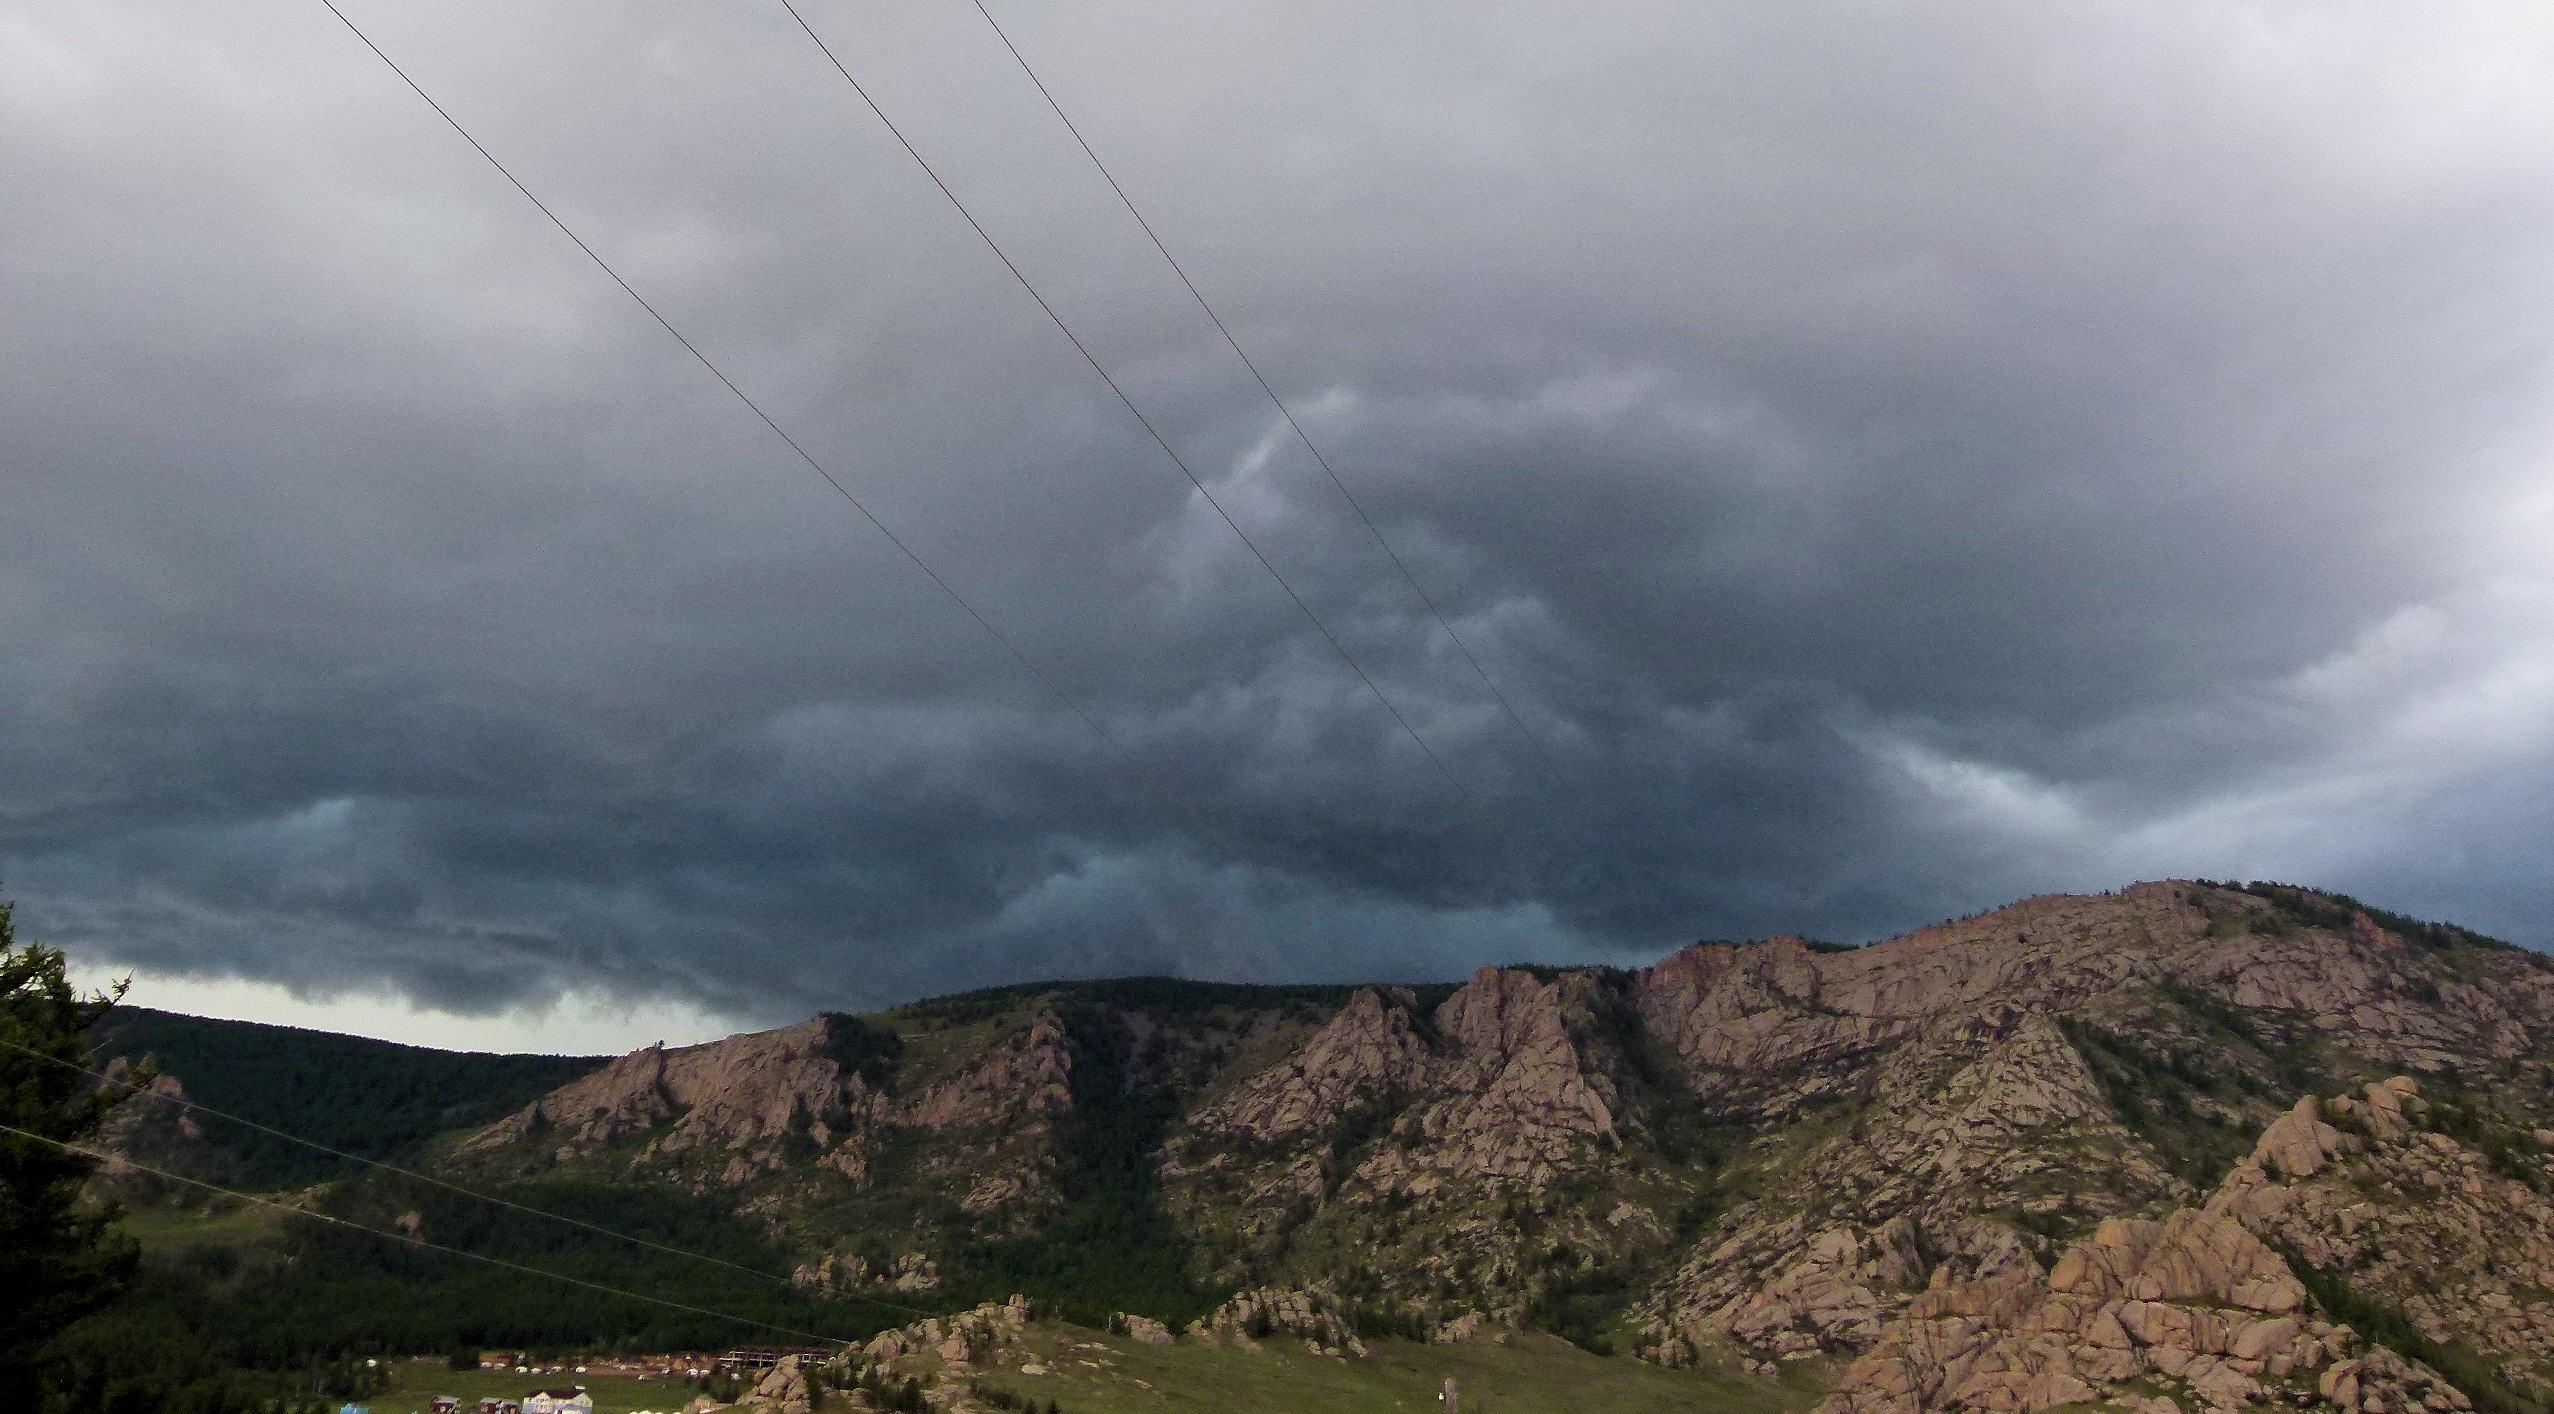 Allein in der Mongolei: vom Unwetter vertrieben - 13. Tag